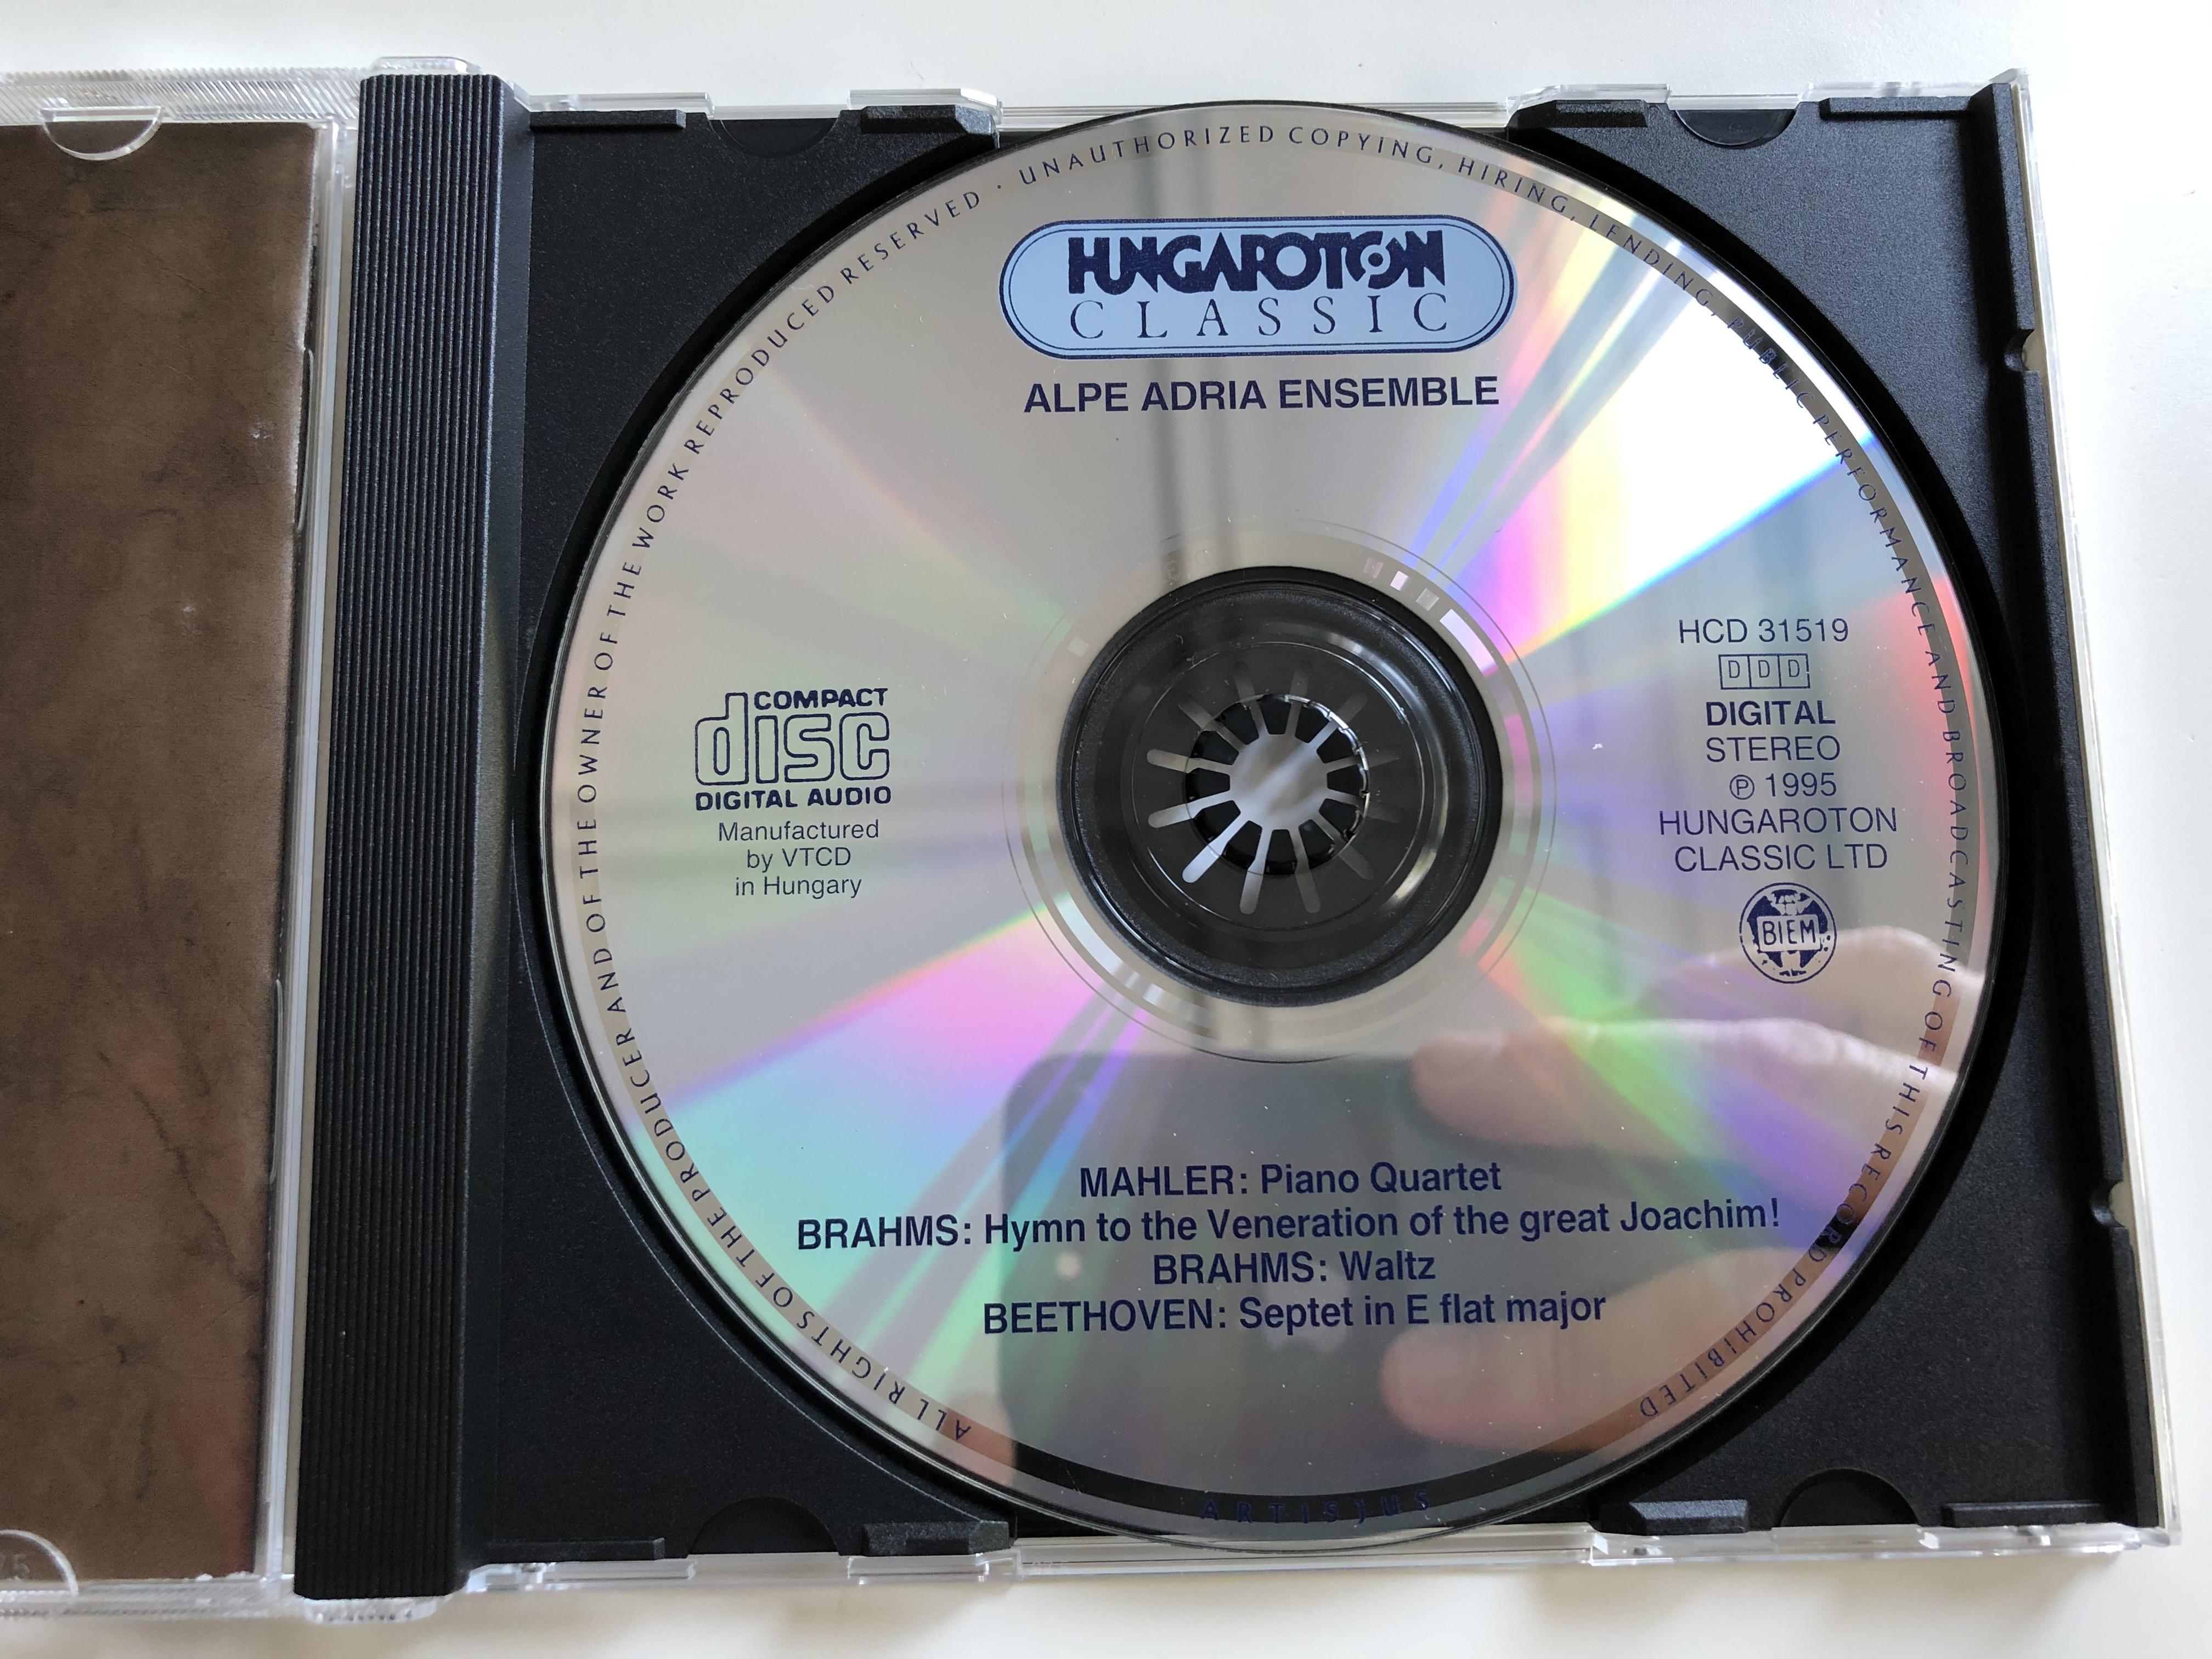 alpe-adria-ensemble-gustav-mahler-piano-quartet-johannes-brahms-hymne-for-the-veneration-of-the-great-joachim-ludwig-van-beethoven-septet-in-e-flat-major-op.-20-hungaroton-audio-cd-1-7-.jpg